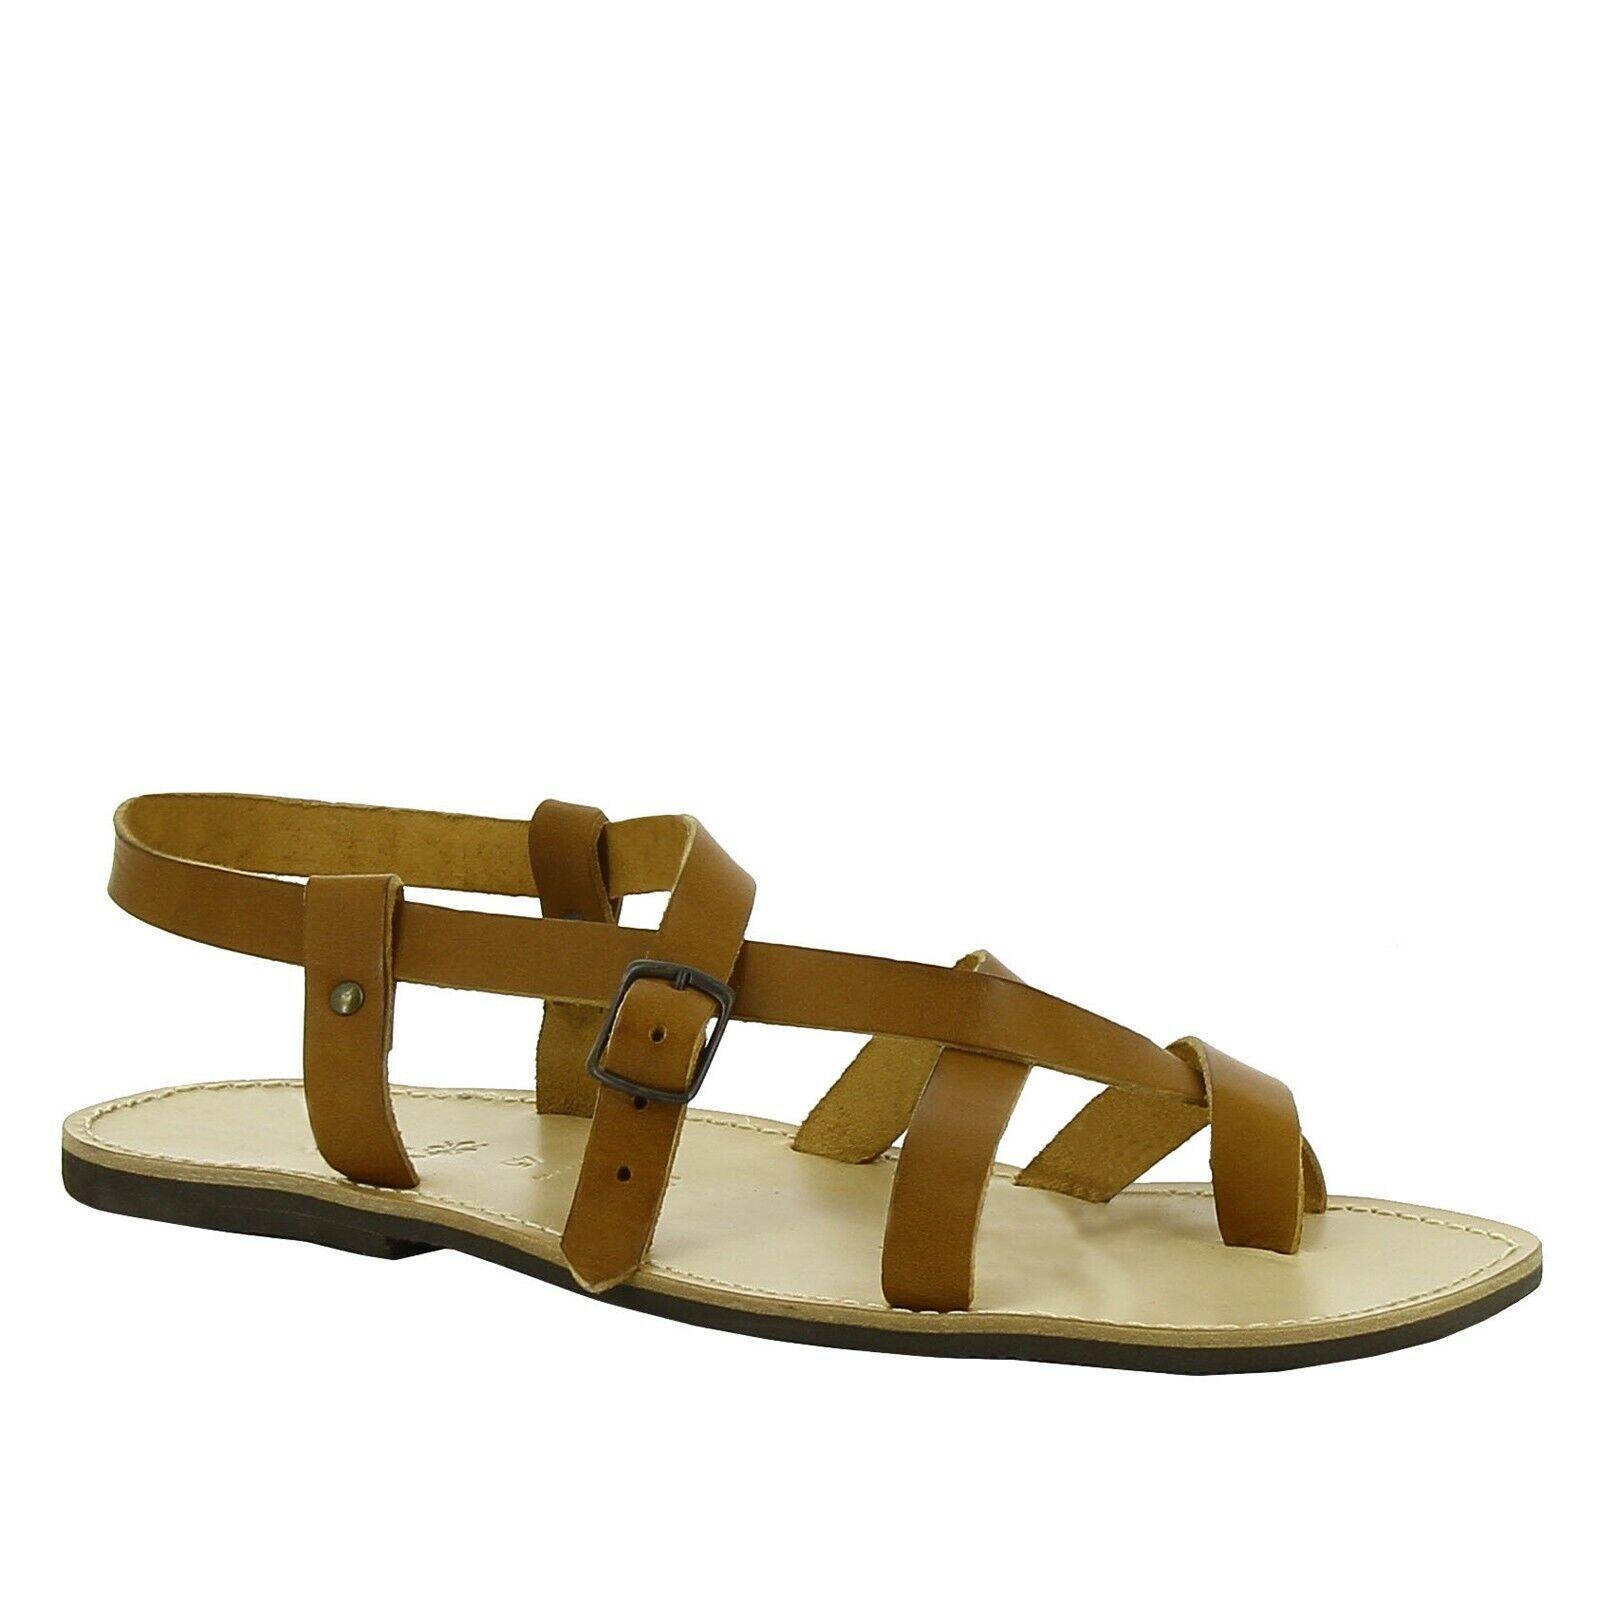 Hecho a mano para hombres Cuero Genuino Bronceado Sandalias Tira al Tobillo Zapatos Suela de goma italiano